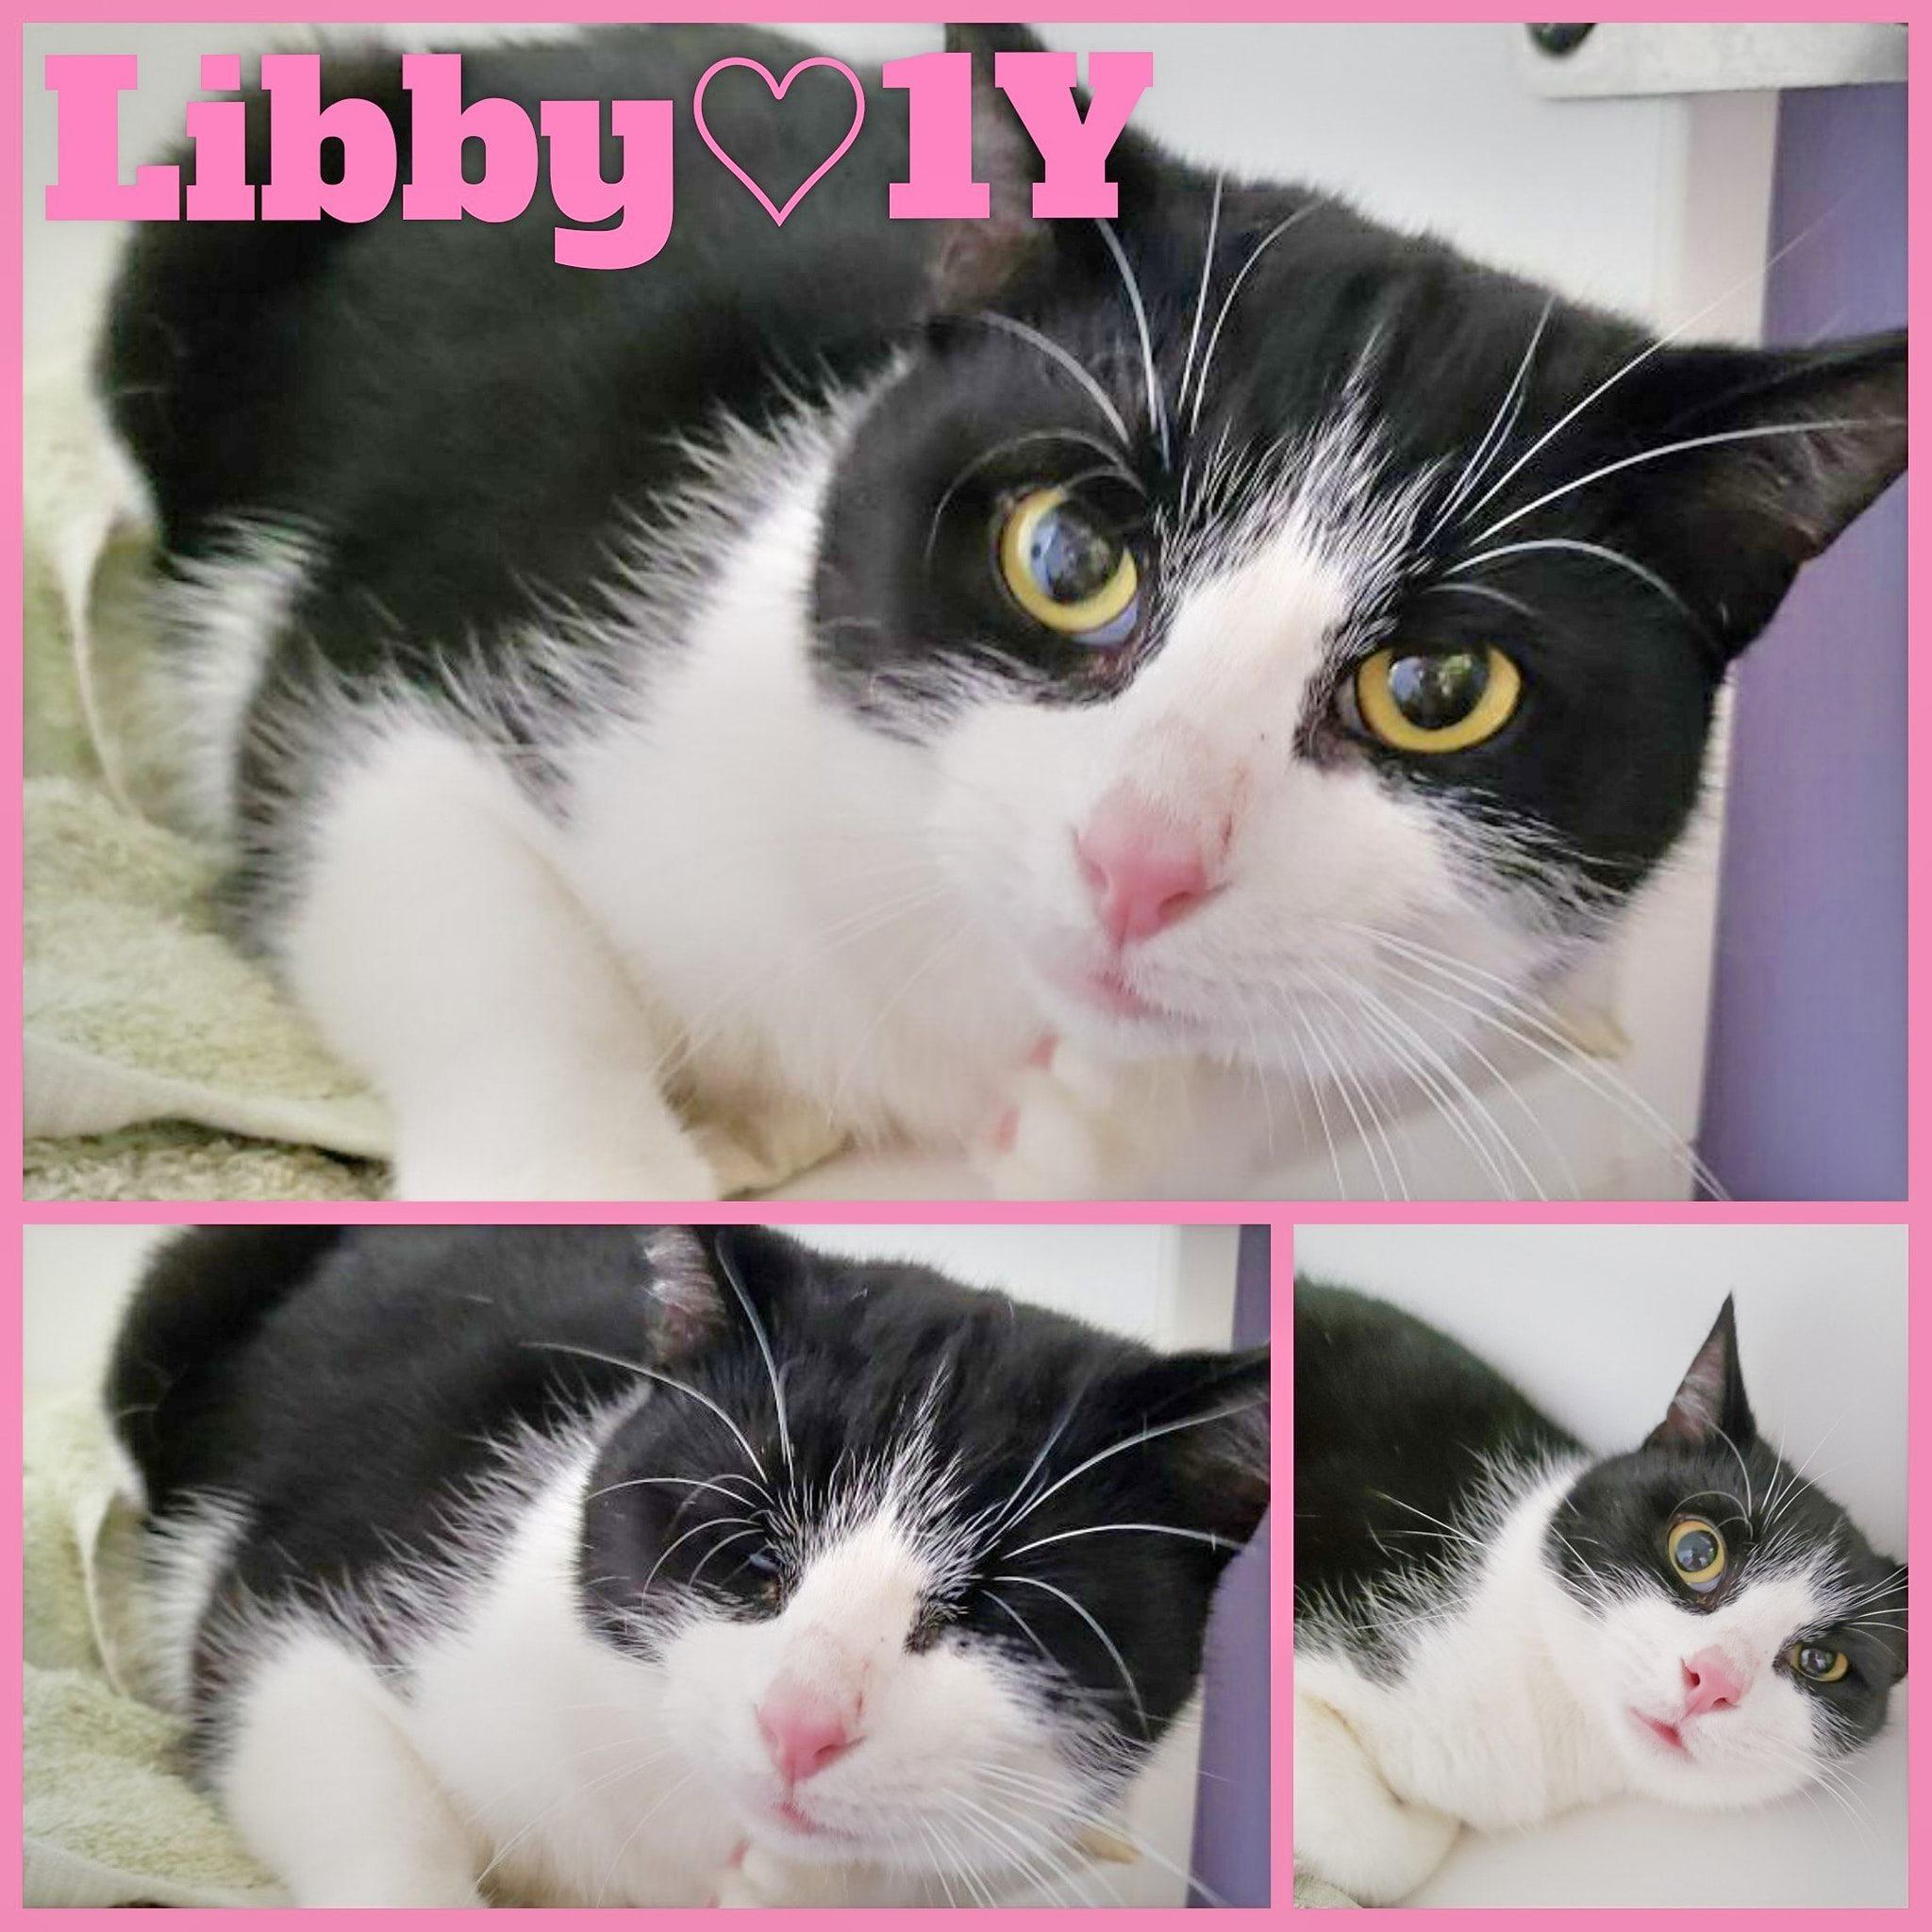 Libby-Female- 1 Year